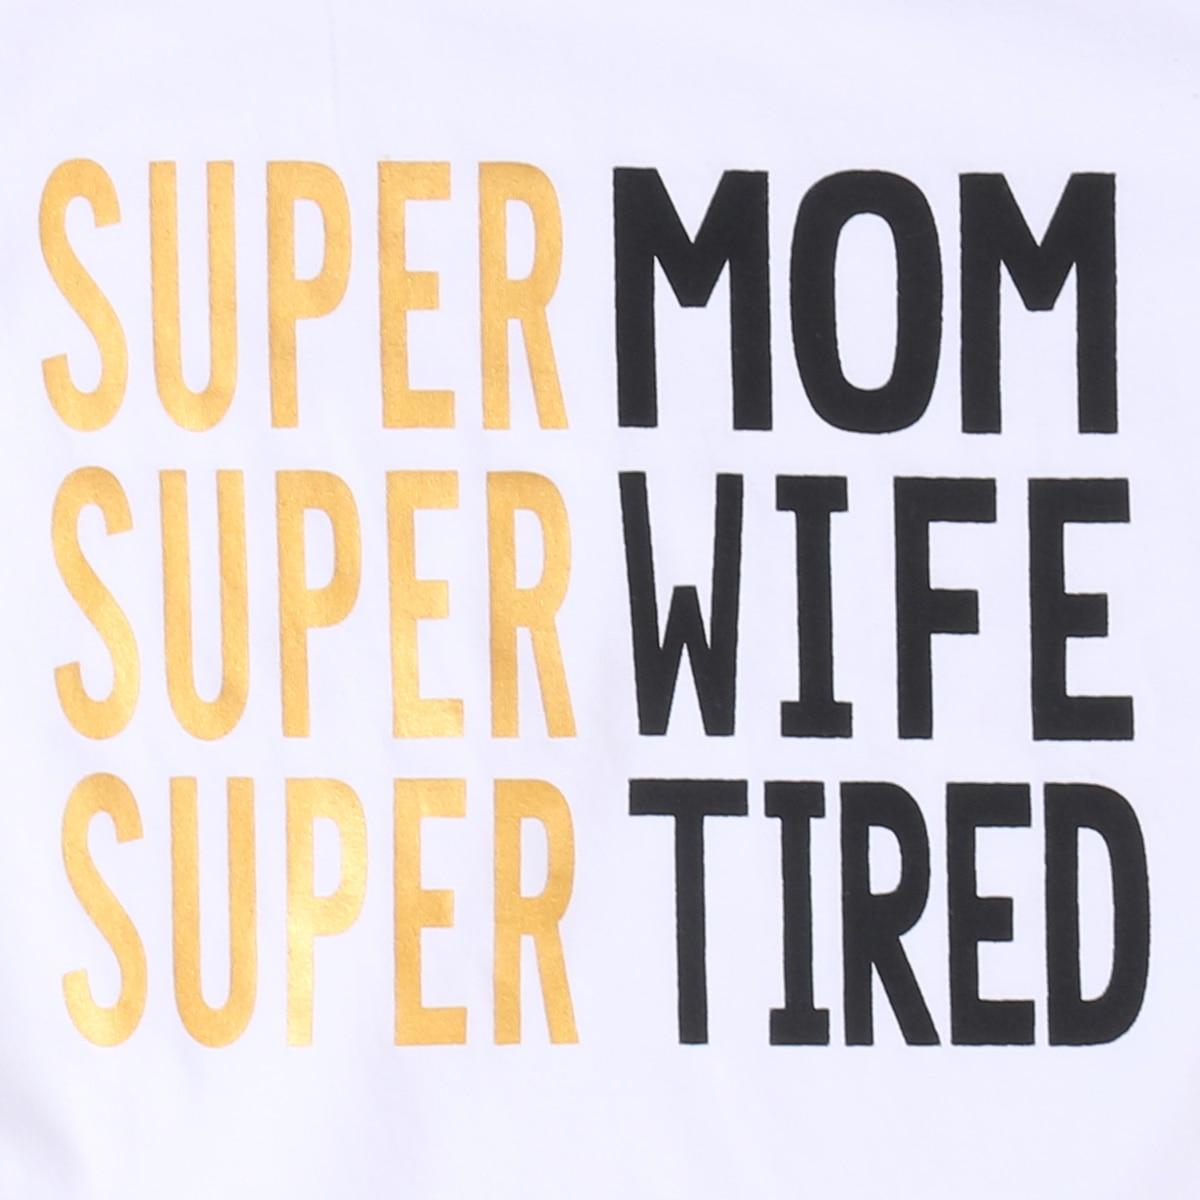 Super Famiy შესაბამისი მაისური Mom - ბავშვთა ტანსაცმელი - ფოტო 3